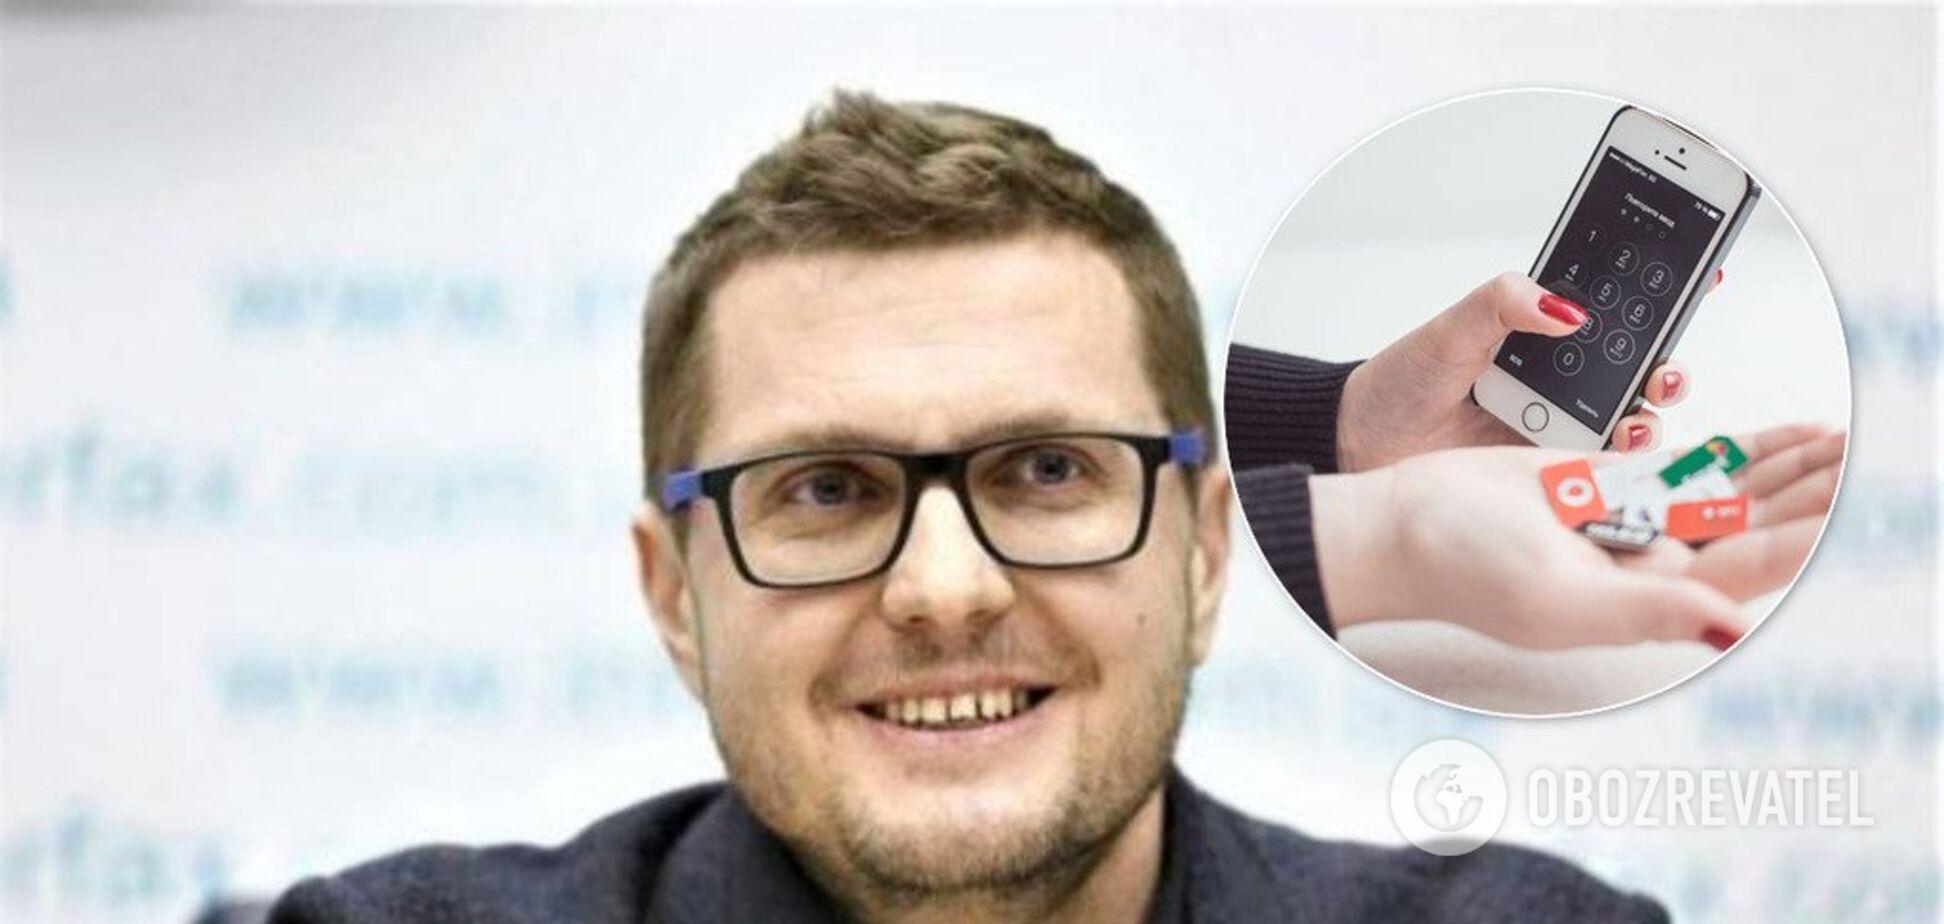 Сим-карты по паспорту: СБУ захотела ввести серьезные ограничения для украинцев